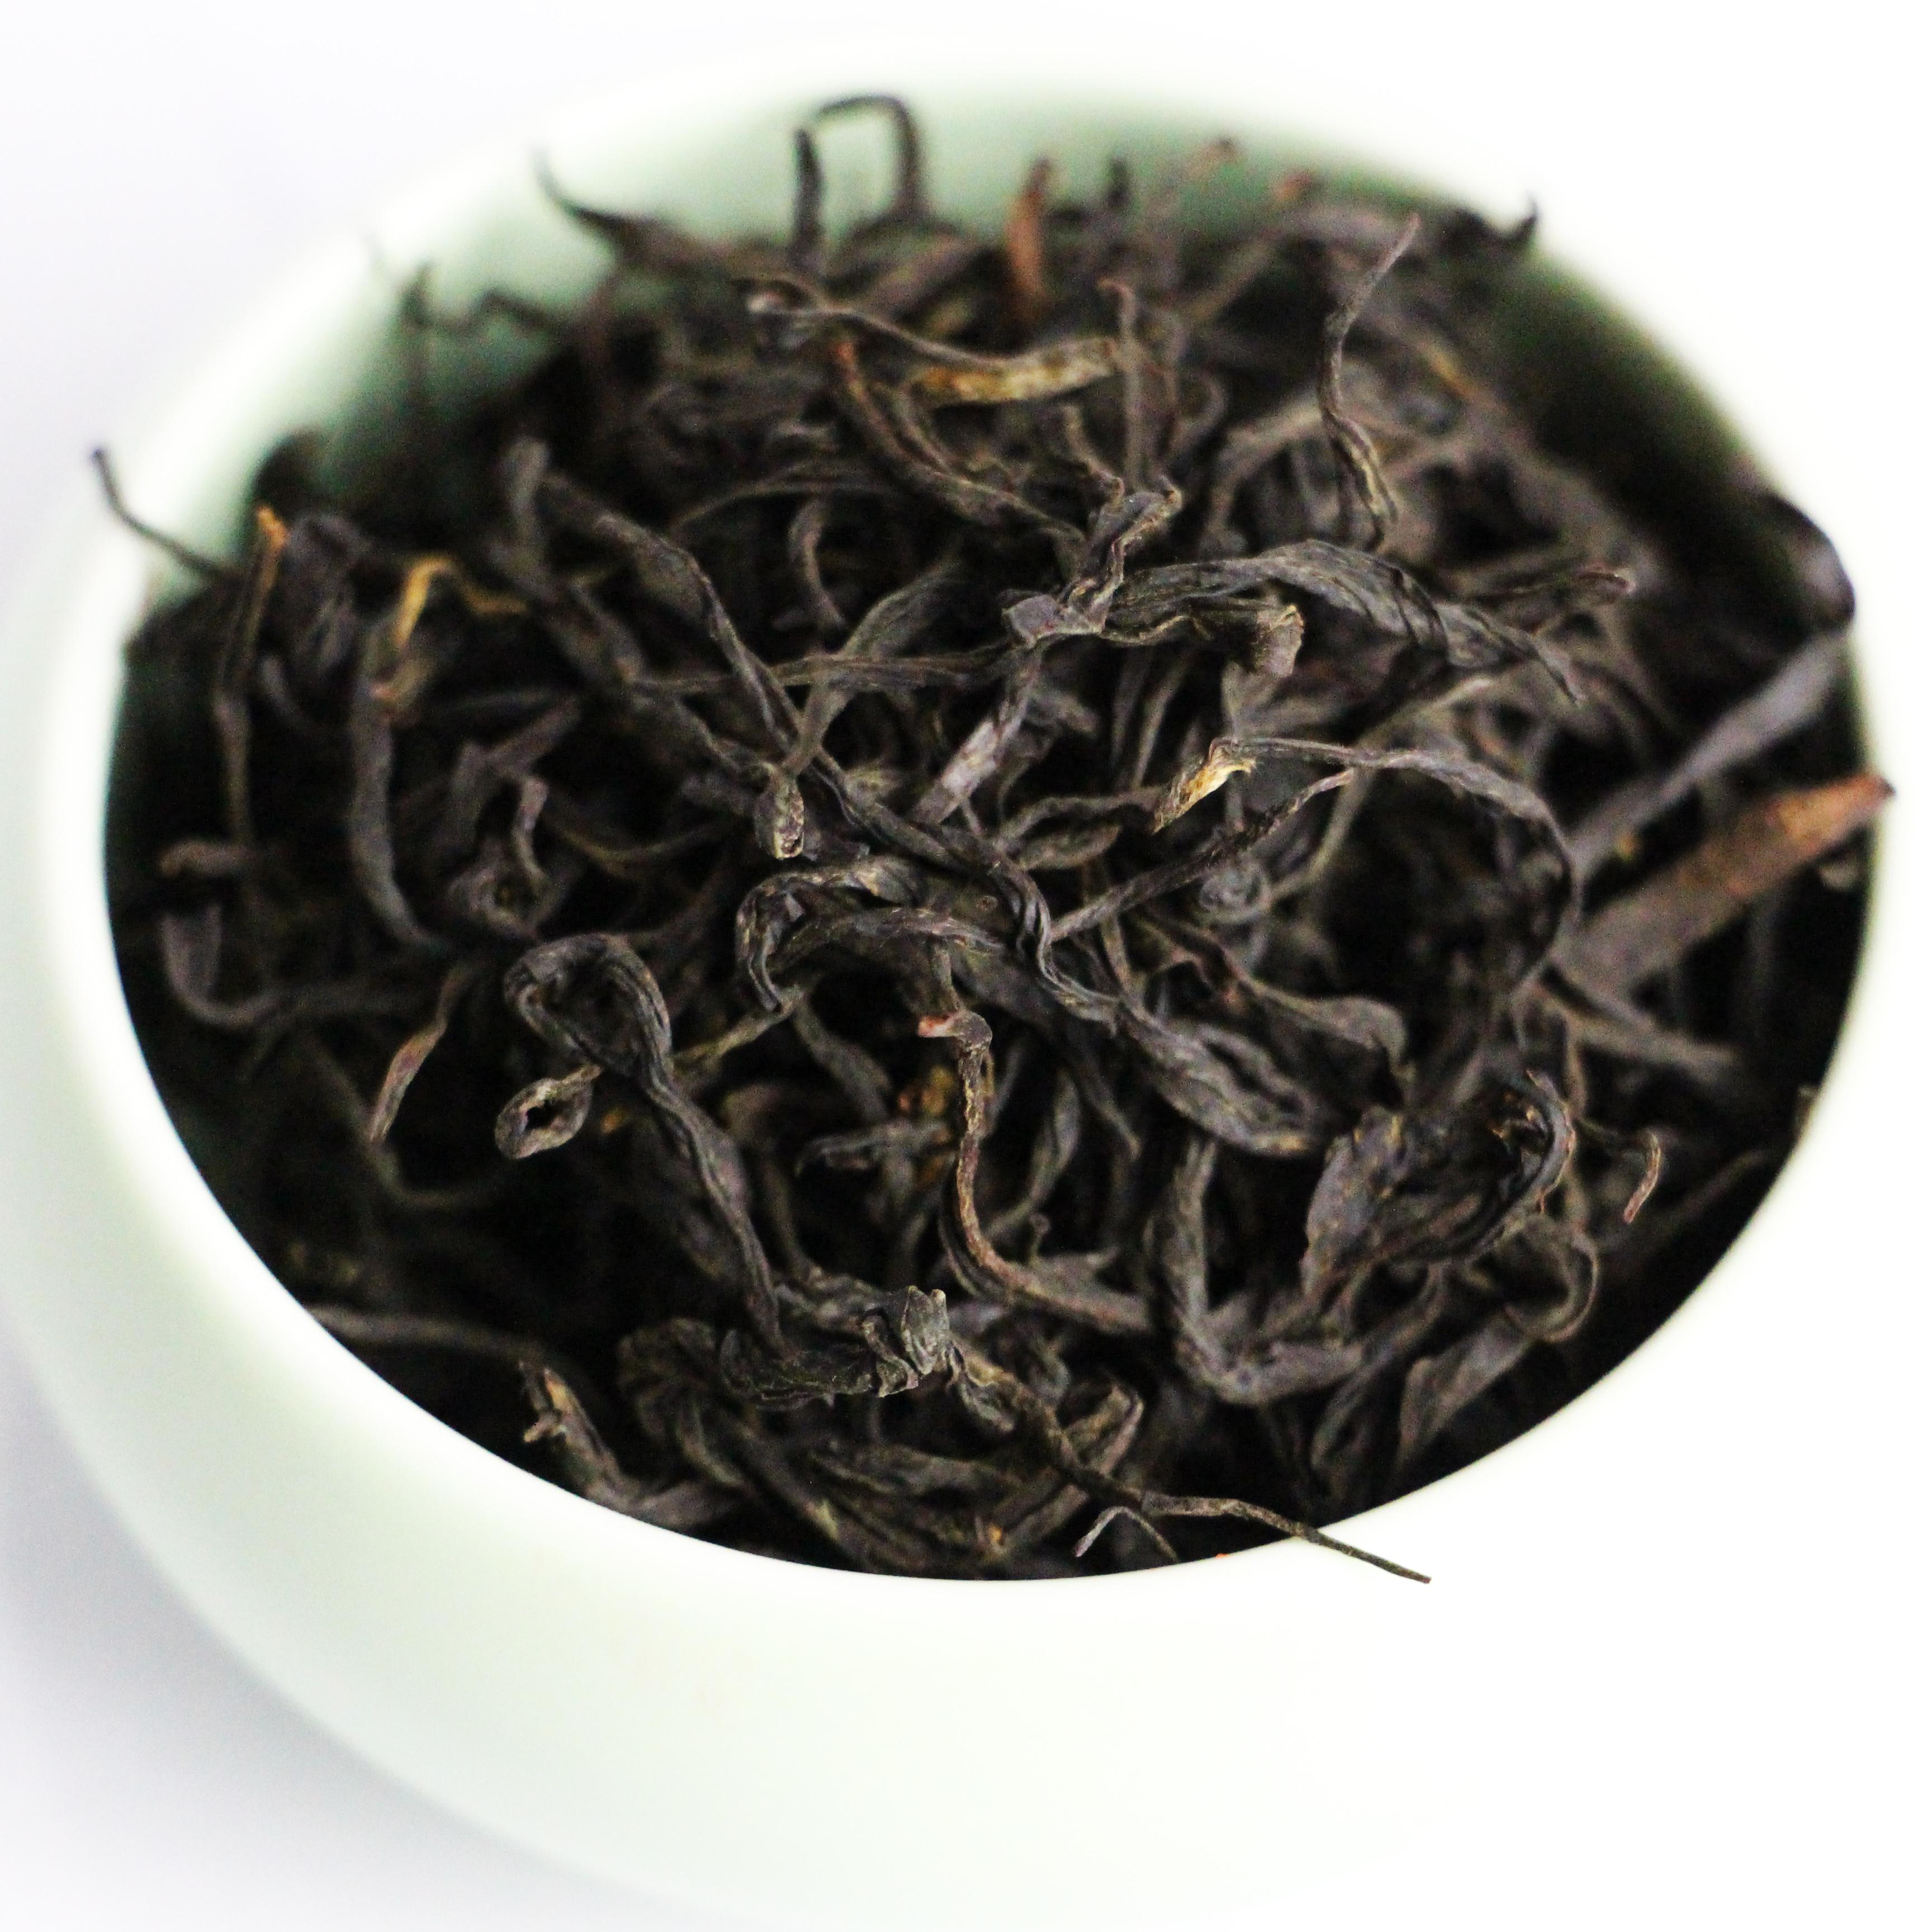 black tea processing machine organic black tea - 4uTea   4uTea.com